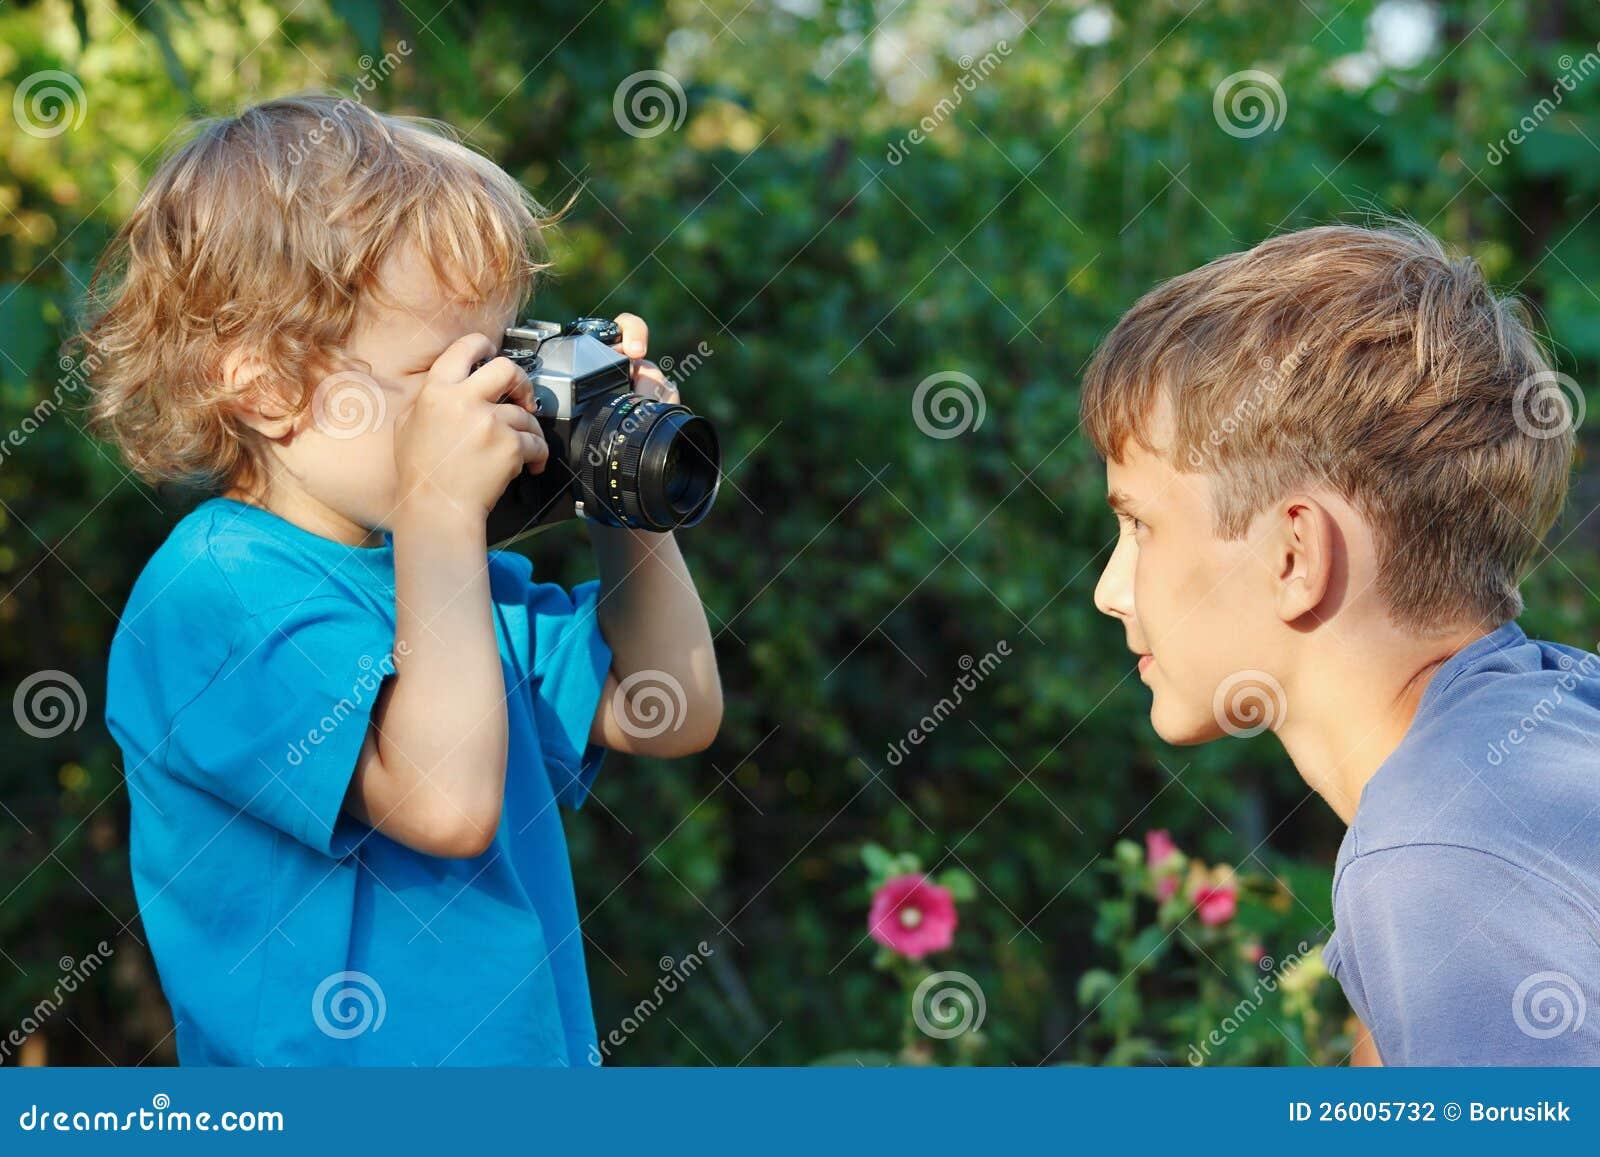 Сняли мальчика на улице 16 фотография